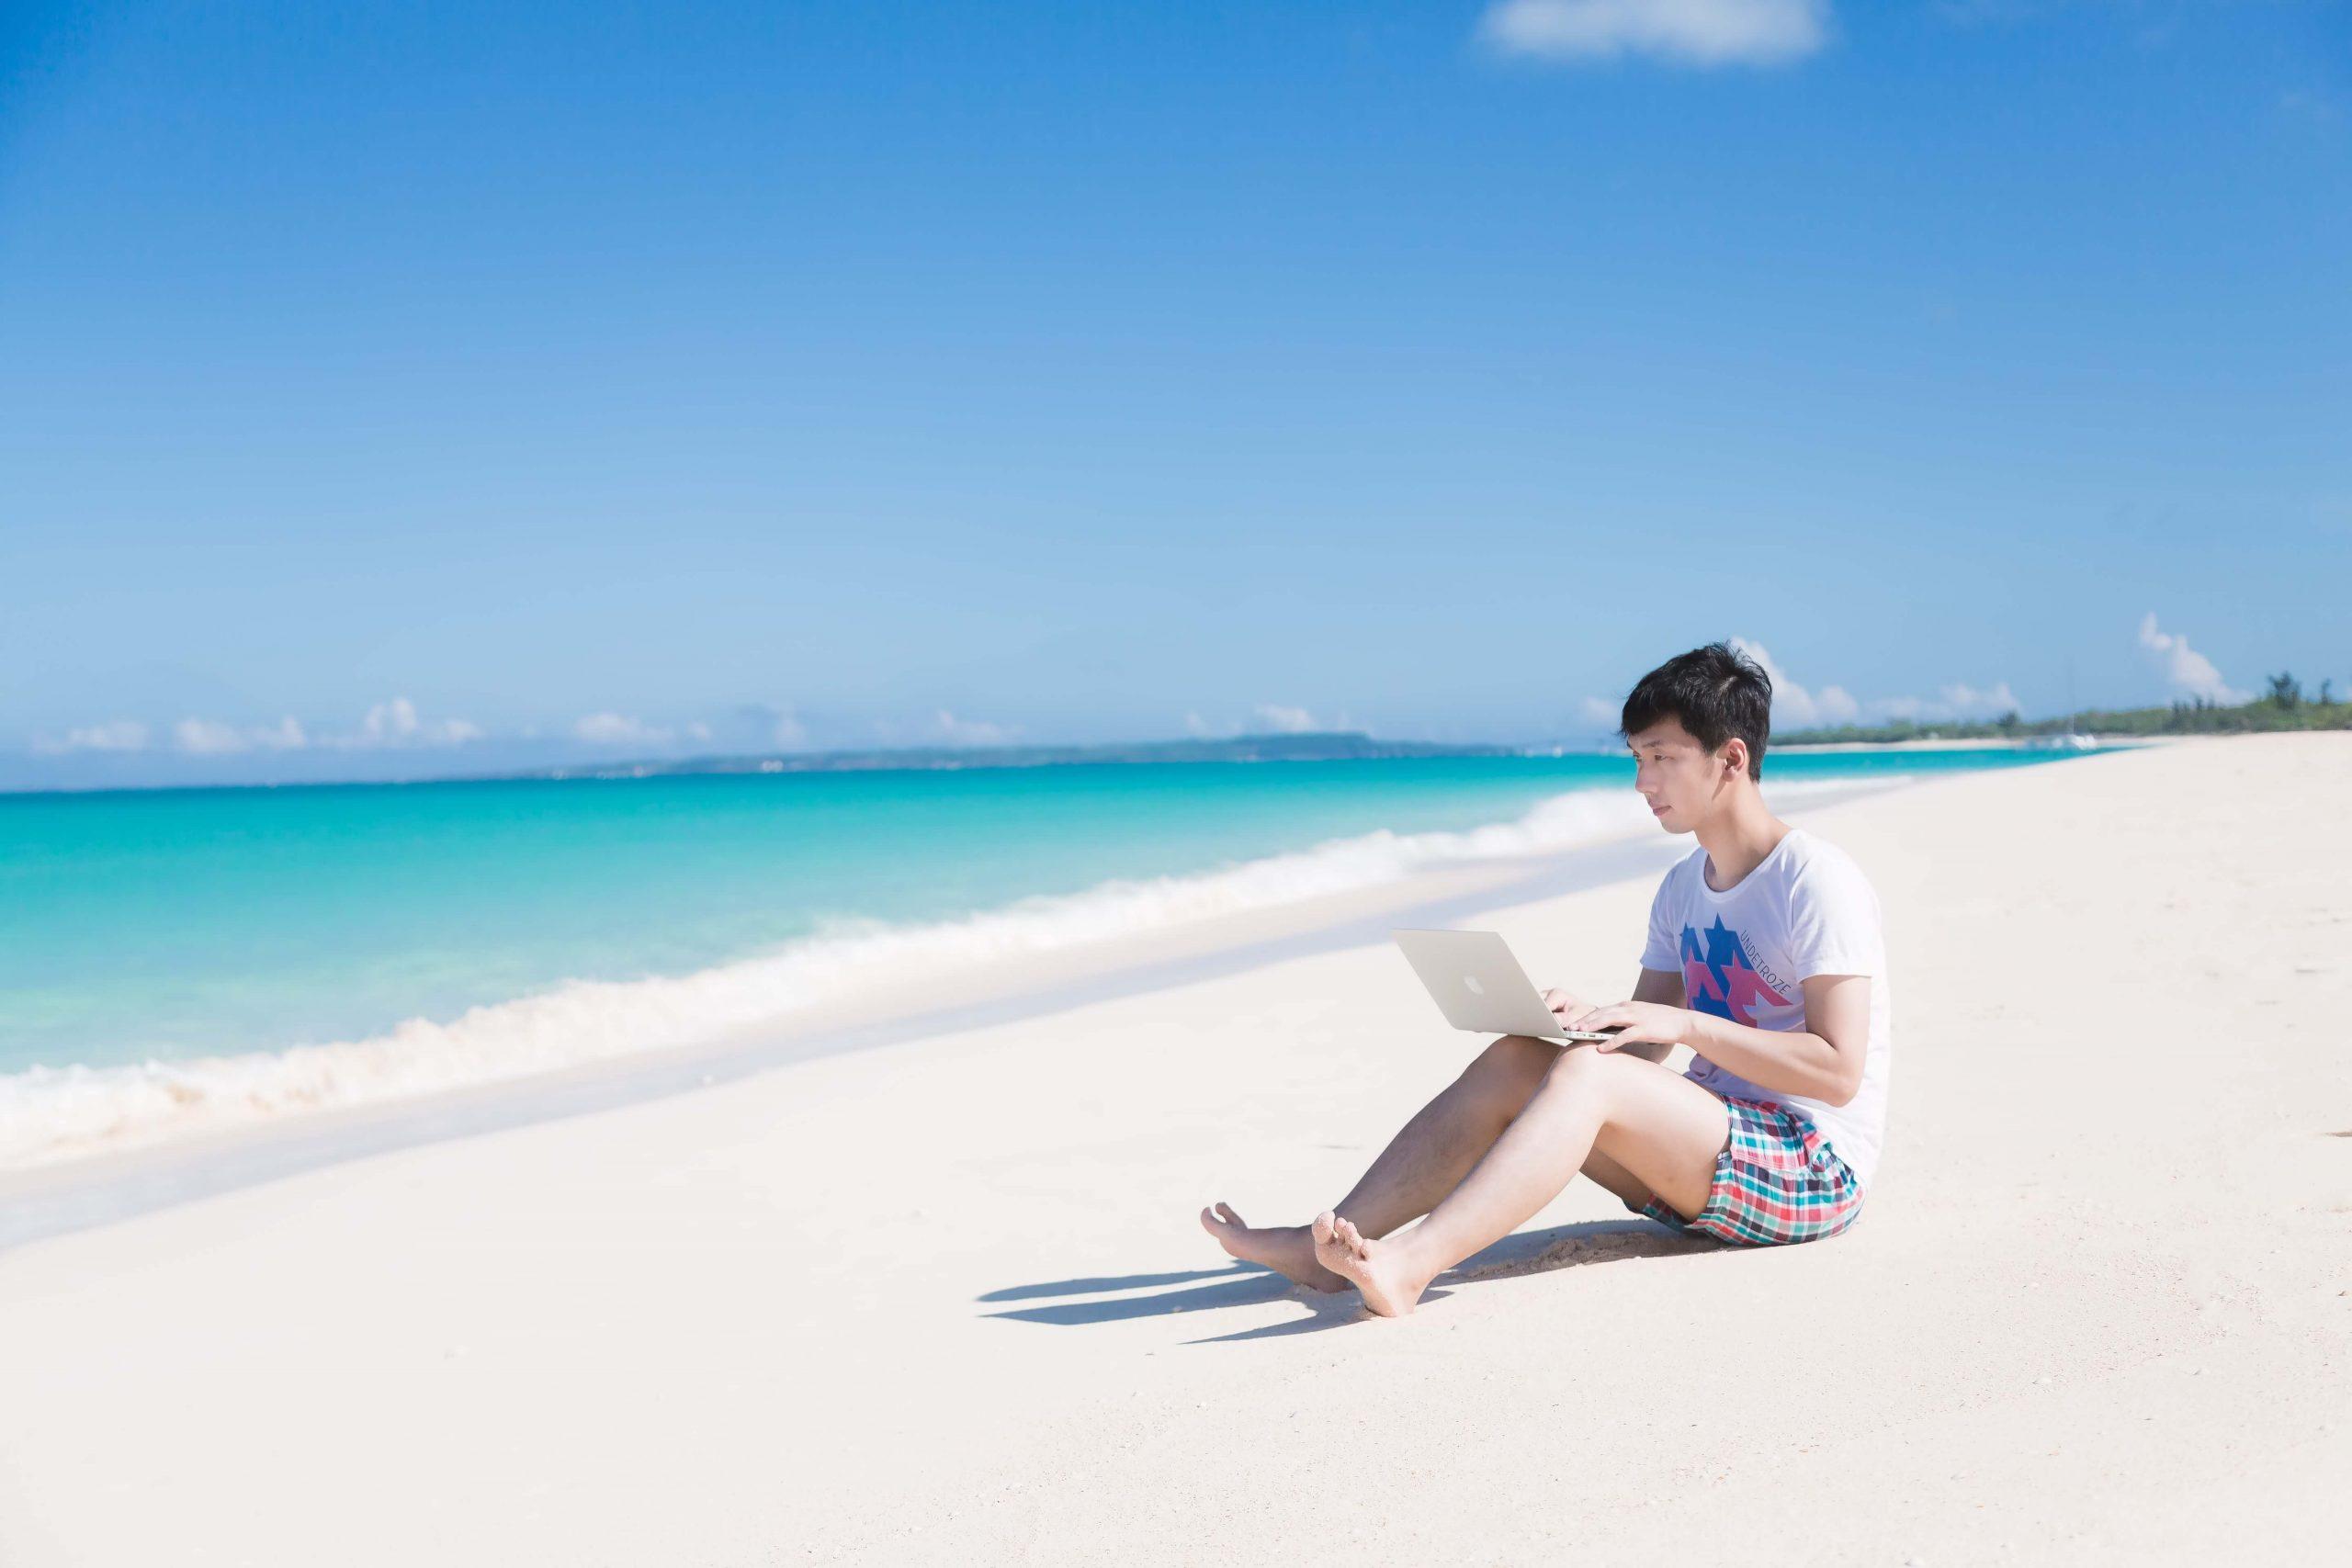 海岸でMacbookを使う男性